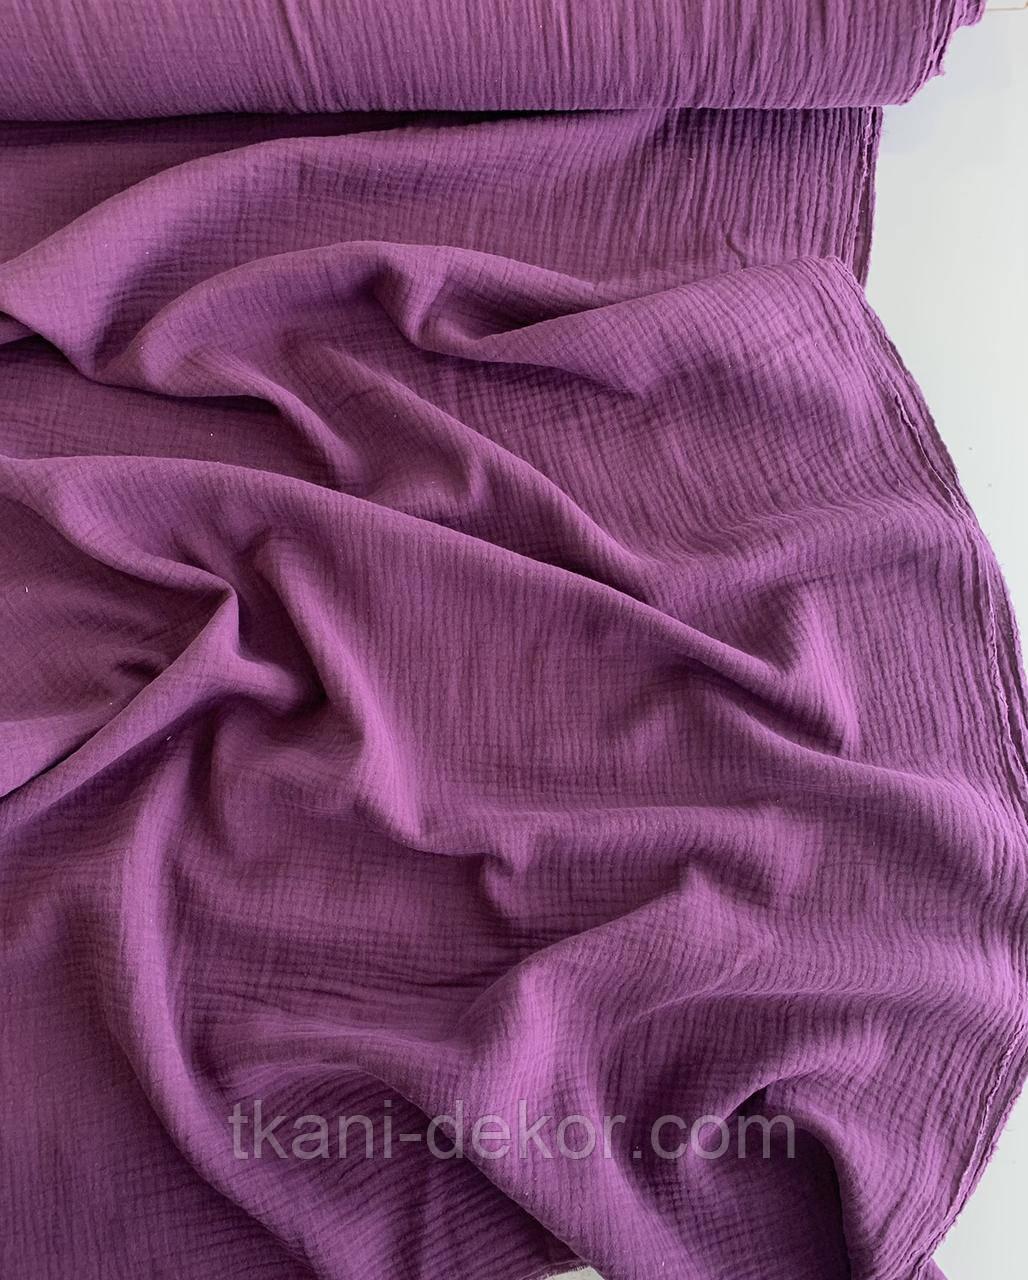 Муслин (хлопковая ткань) жатка темно-фиолетовый однотон (ширина 1,35 м) (80*135)